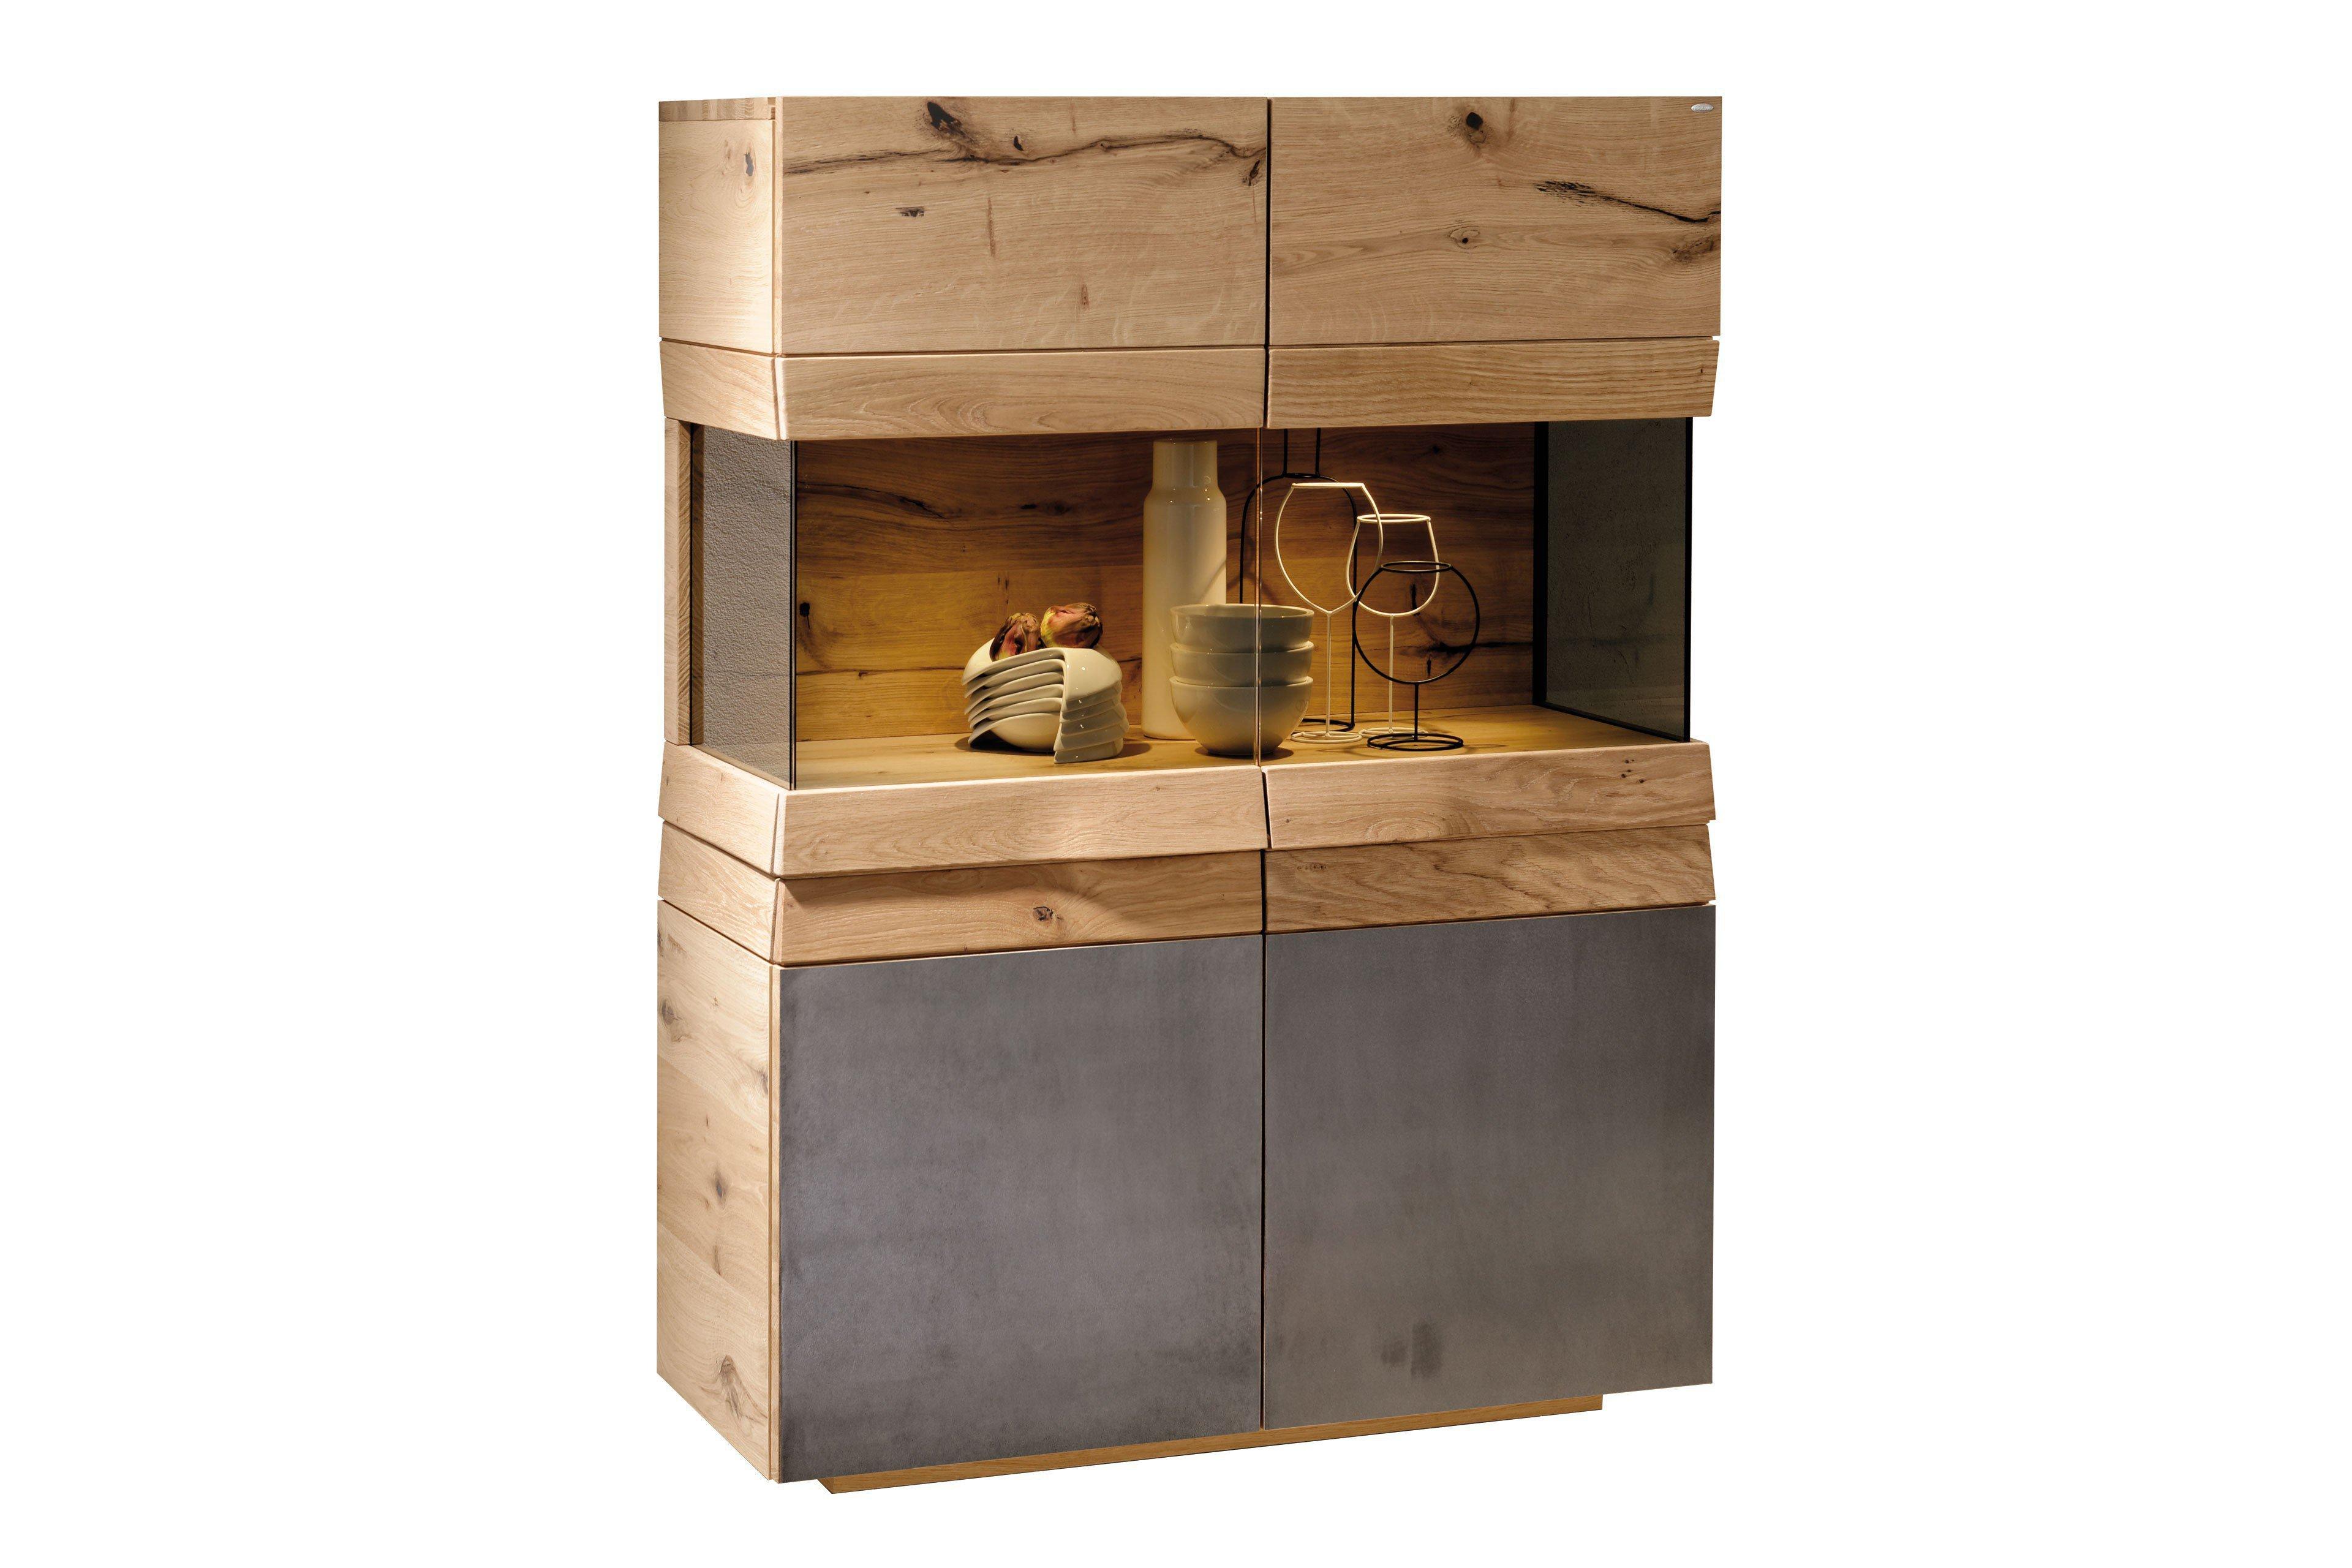 voglauer highboard v organo living 96 wildeiche eisen m bel letz ihr online shop. Black Bedroom Furniture Sets. Home Design Ideas